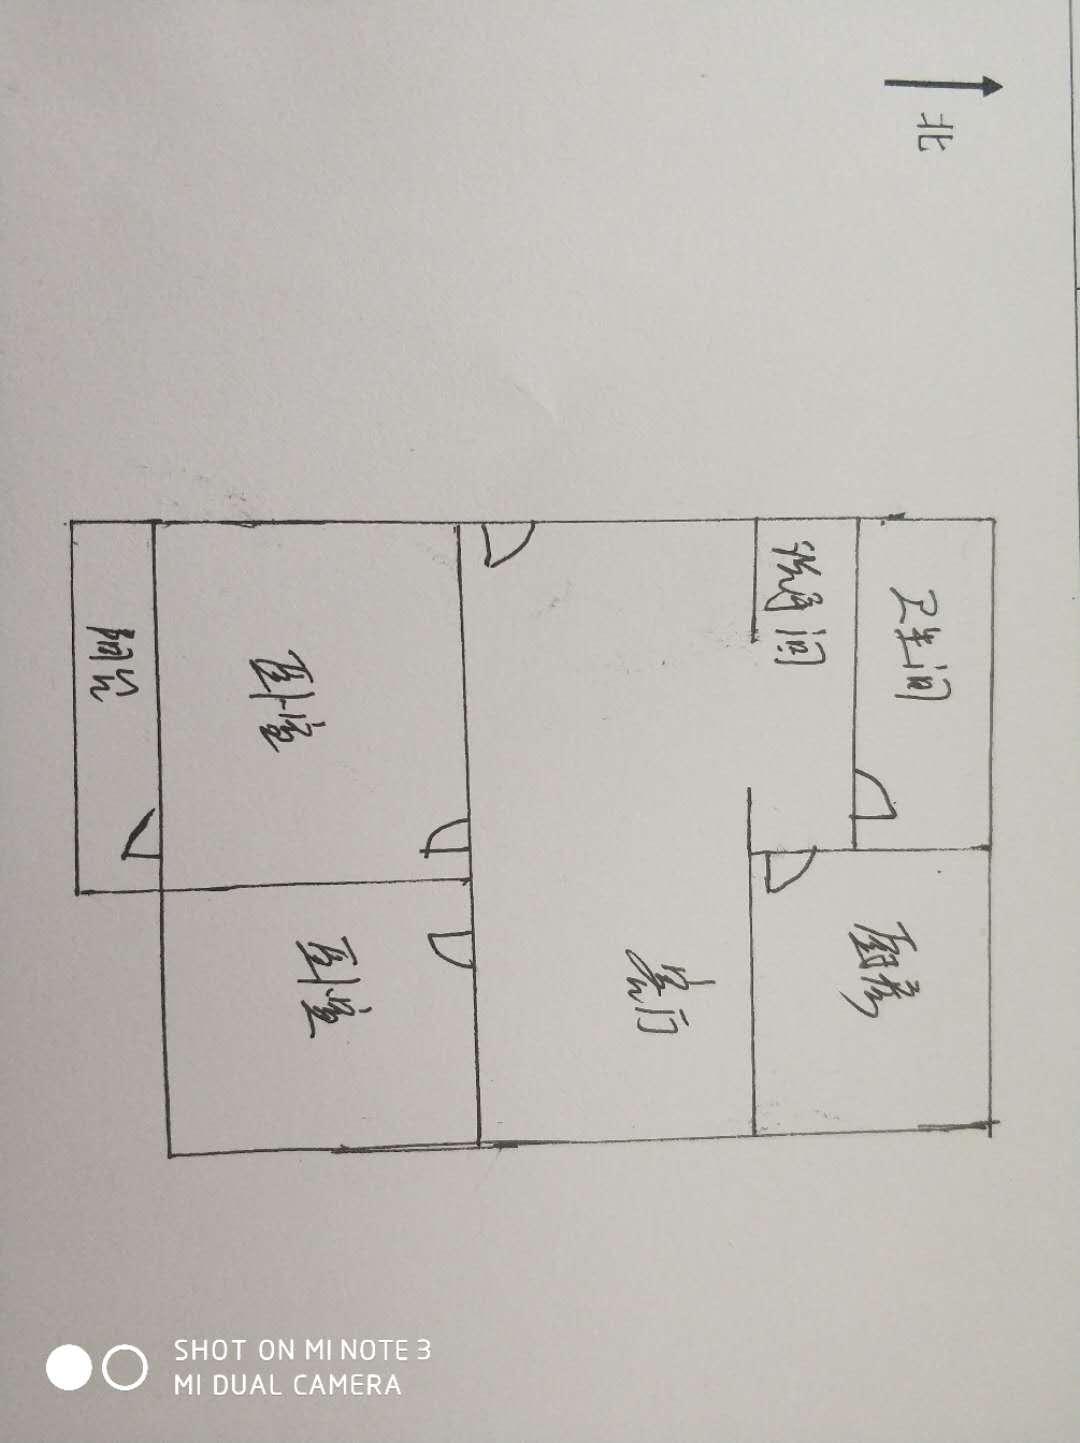 肖何庄小区 2室1厅 2楼